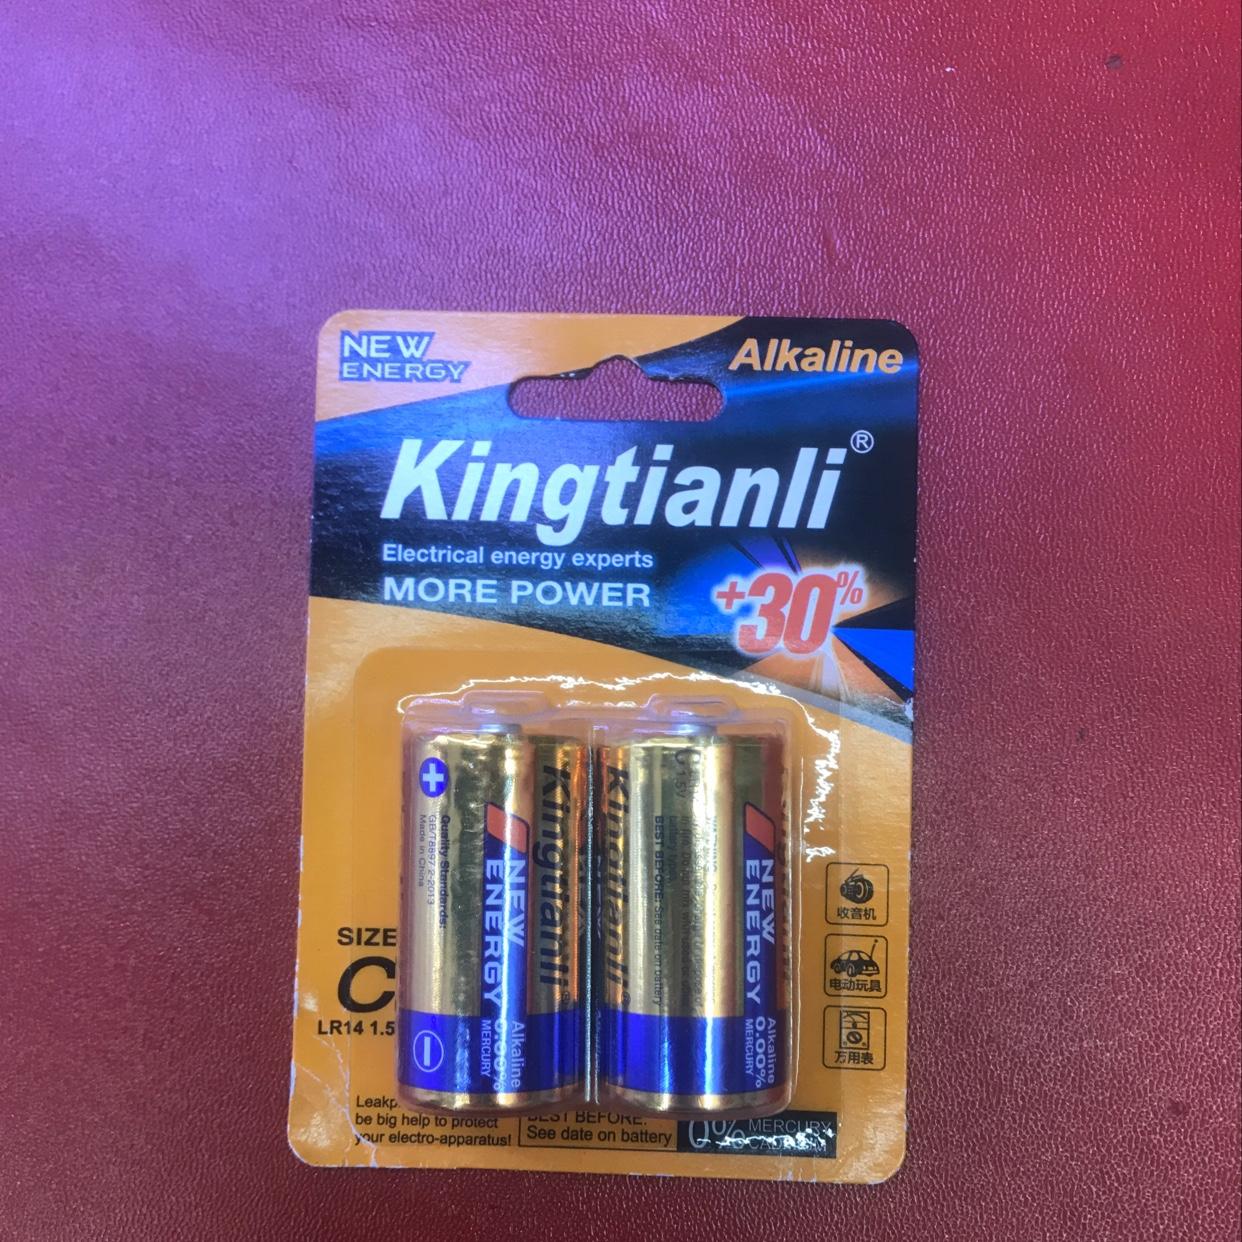 质量很好,2号电池也叫C,用电筒上。时间持续久。耐力强